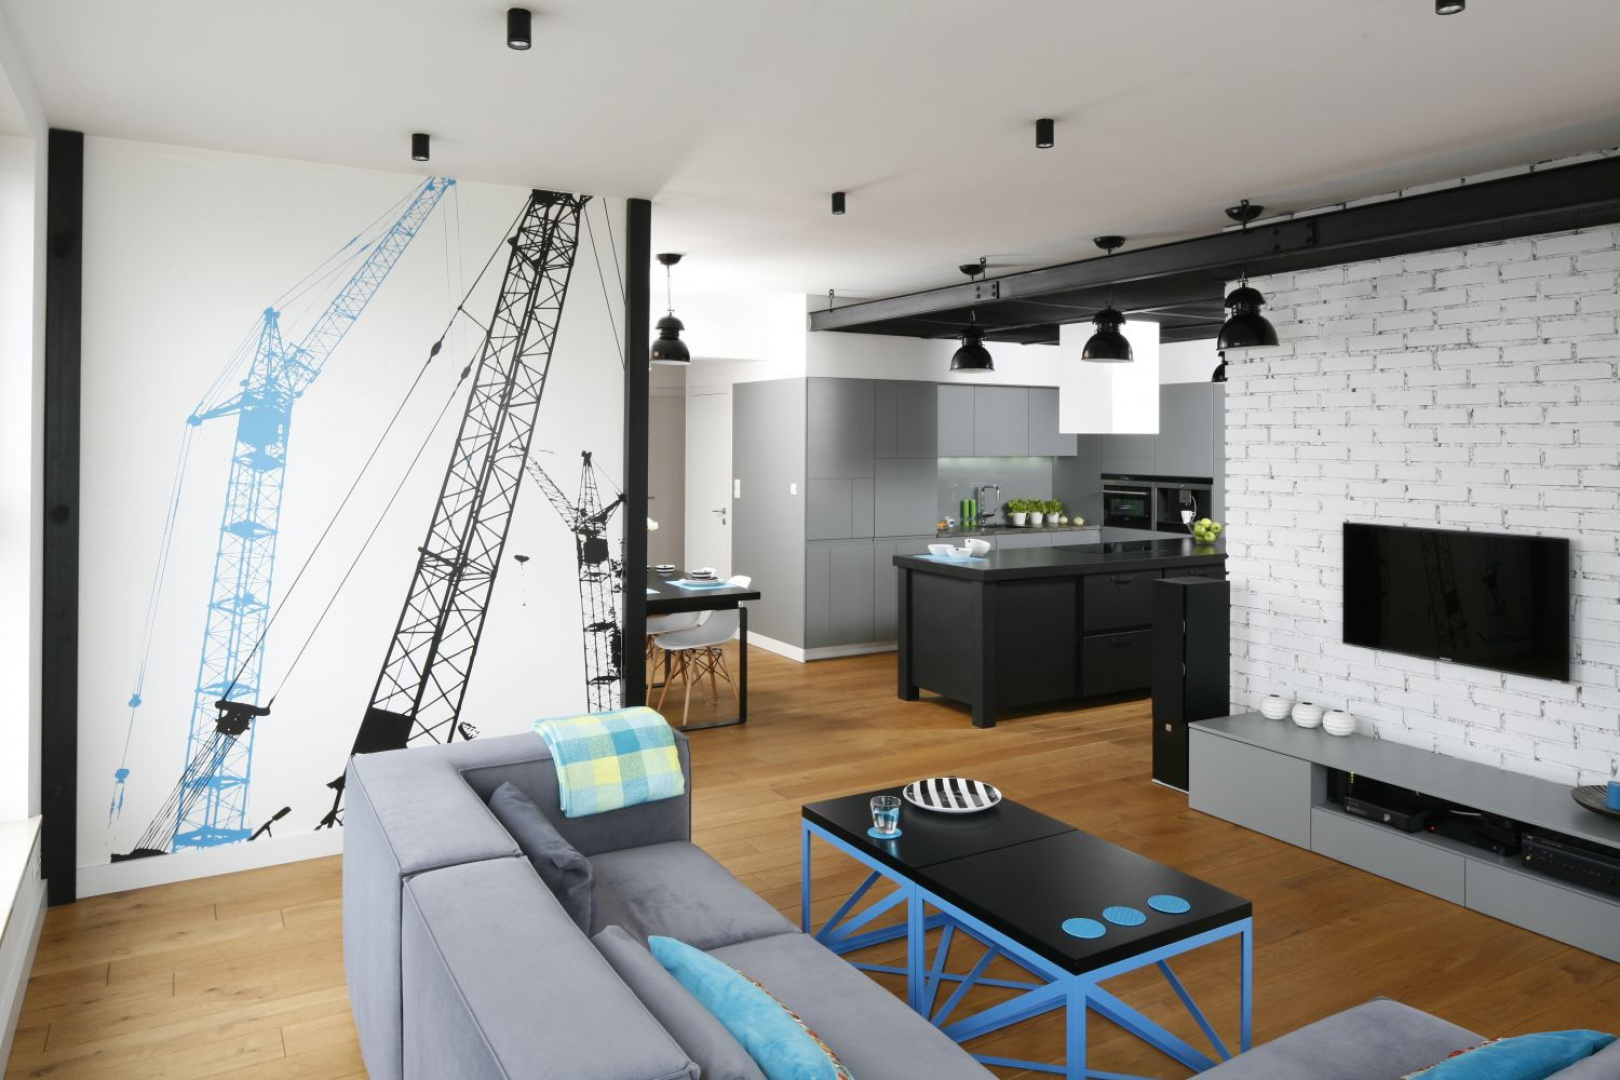 Architekci z biura Hola Design w projekcie tego warszawskiego mieszkania inspirowali się stylistyką industrialną i towarzyszącemu jej minimalizmowi. Projekt: Monika i Adam Bronikowscy. Fot. Bartosz Jarosz.